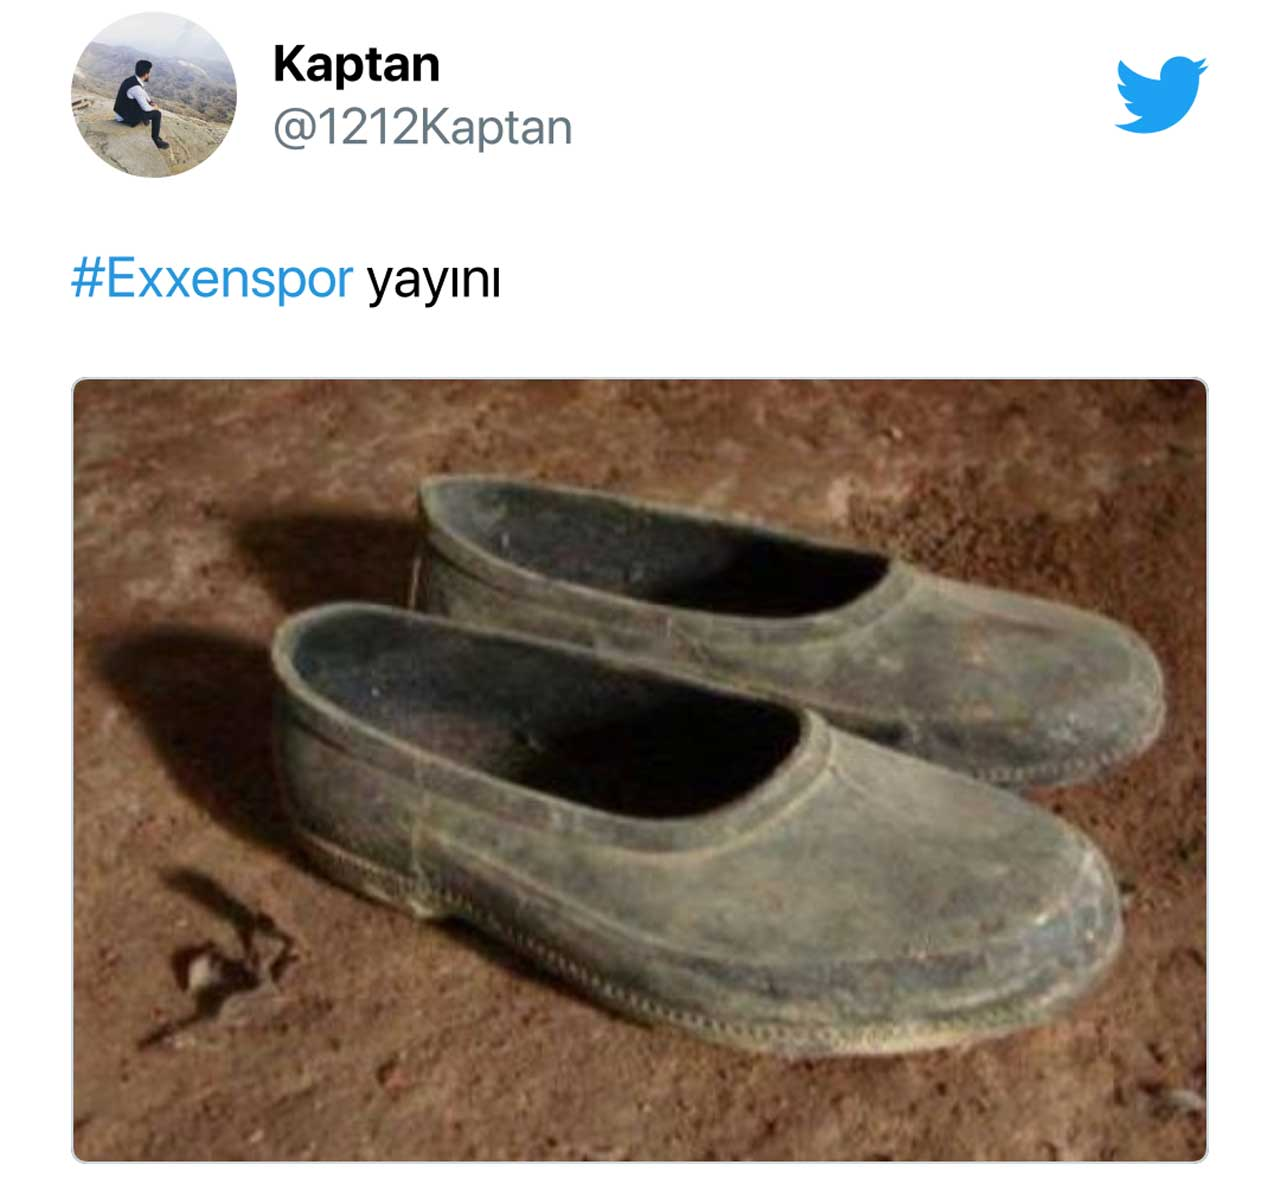 Exxen Twitter